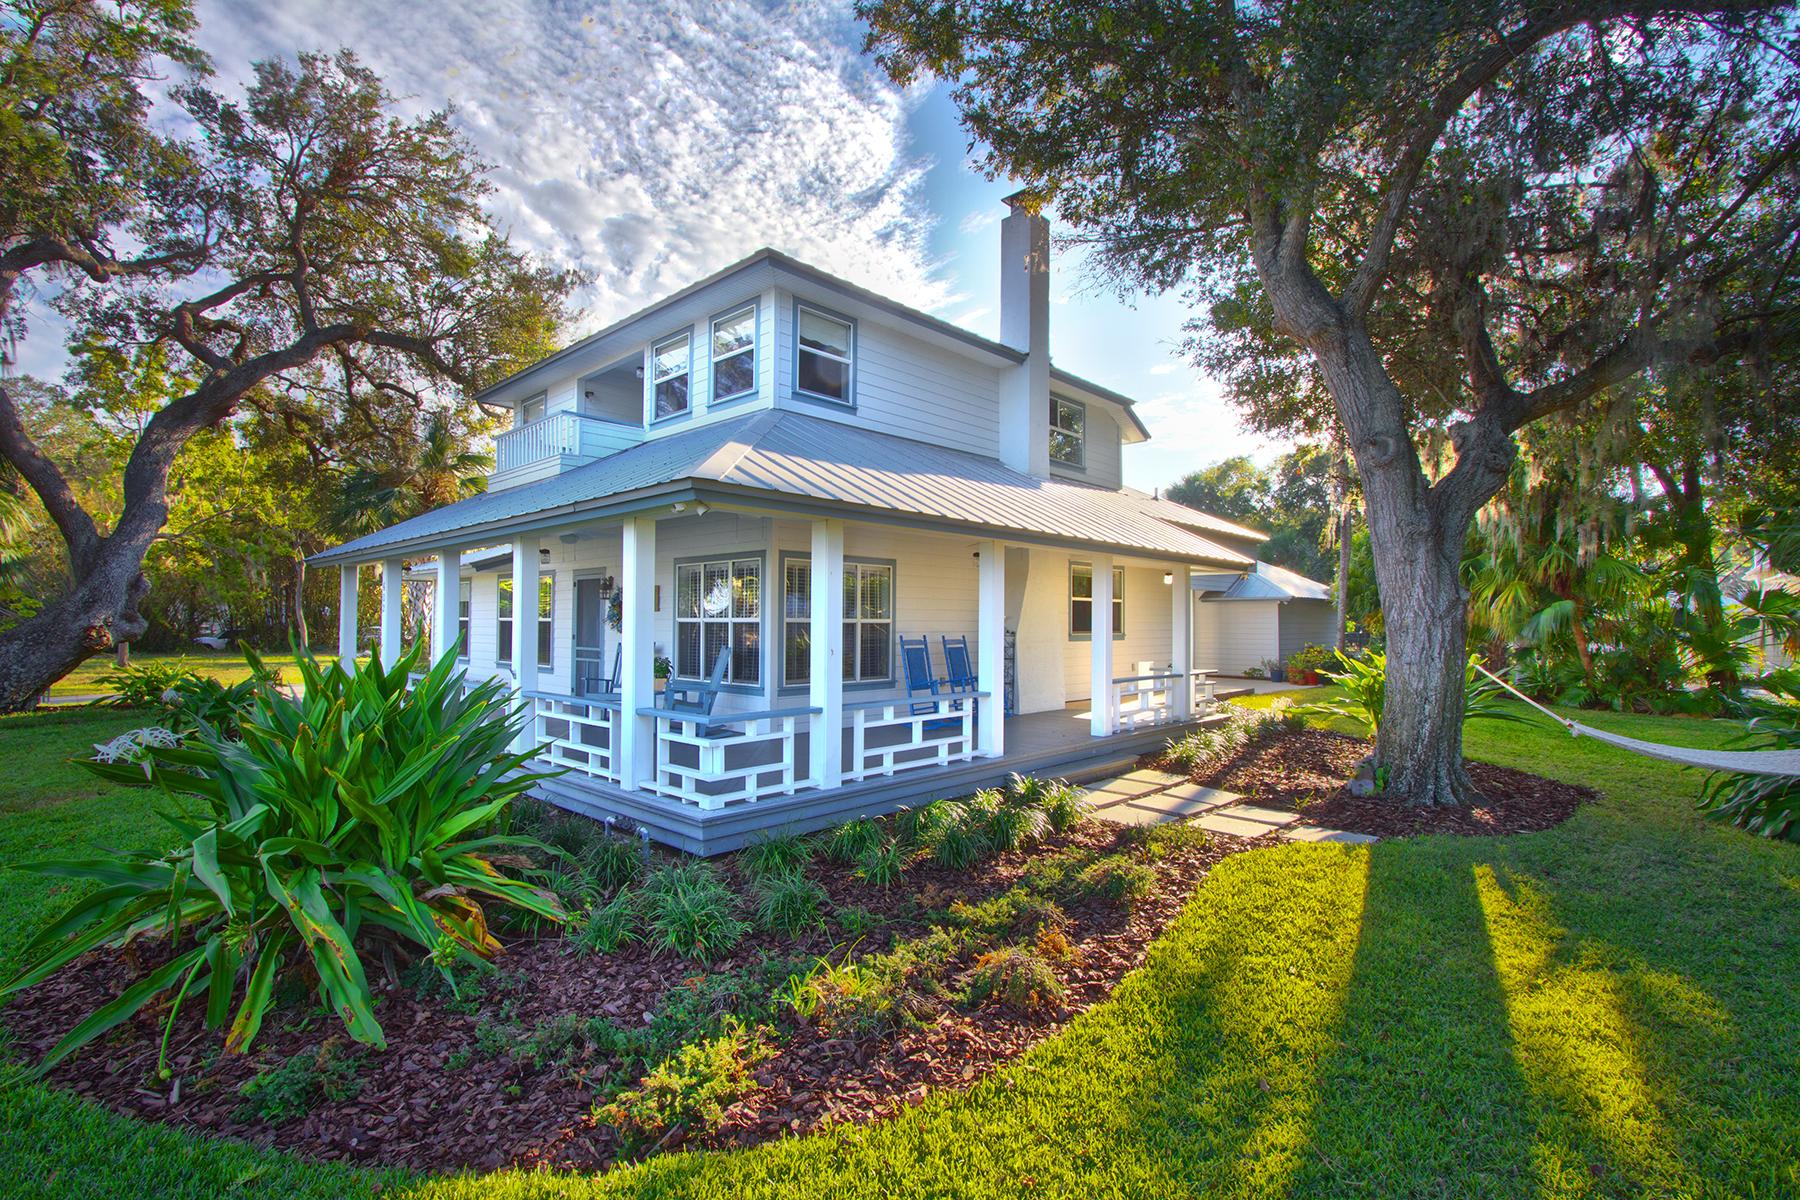 獨棟家庭住宅 為 出售 在 NEW SMYRNA BEACH FLORIDA 602 N Riverside Dr New Smyrna Beach, 佛羅里達州, 32168 美國